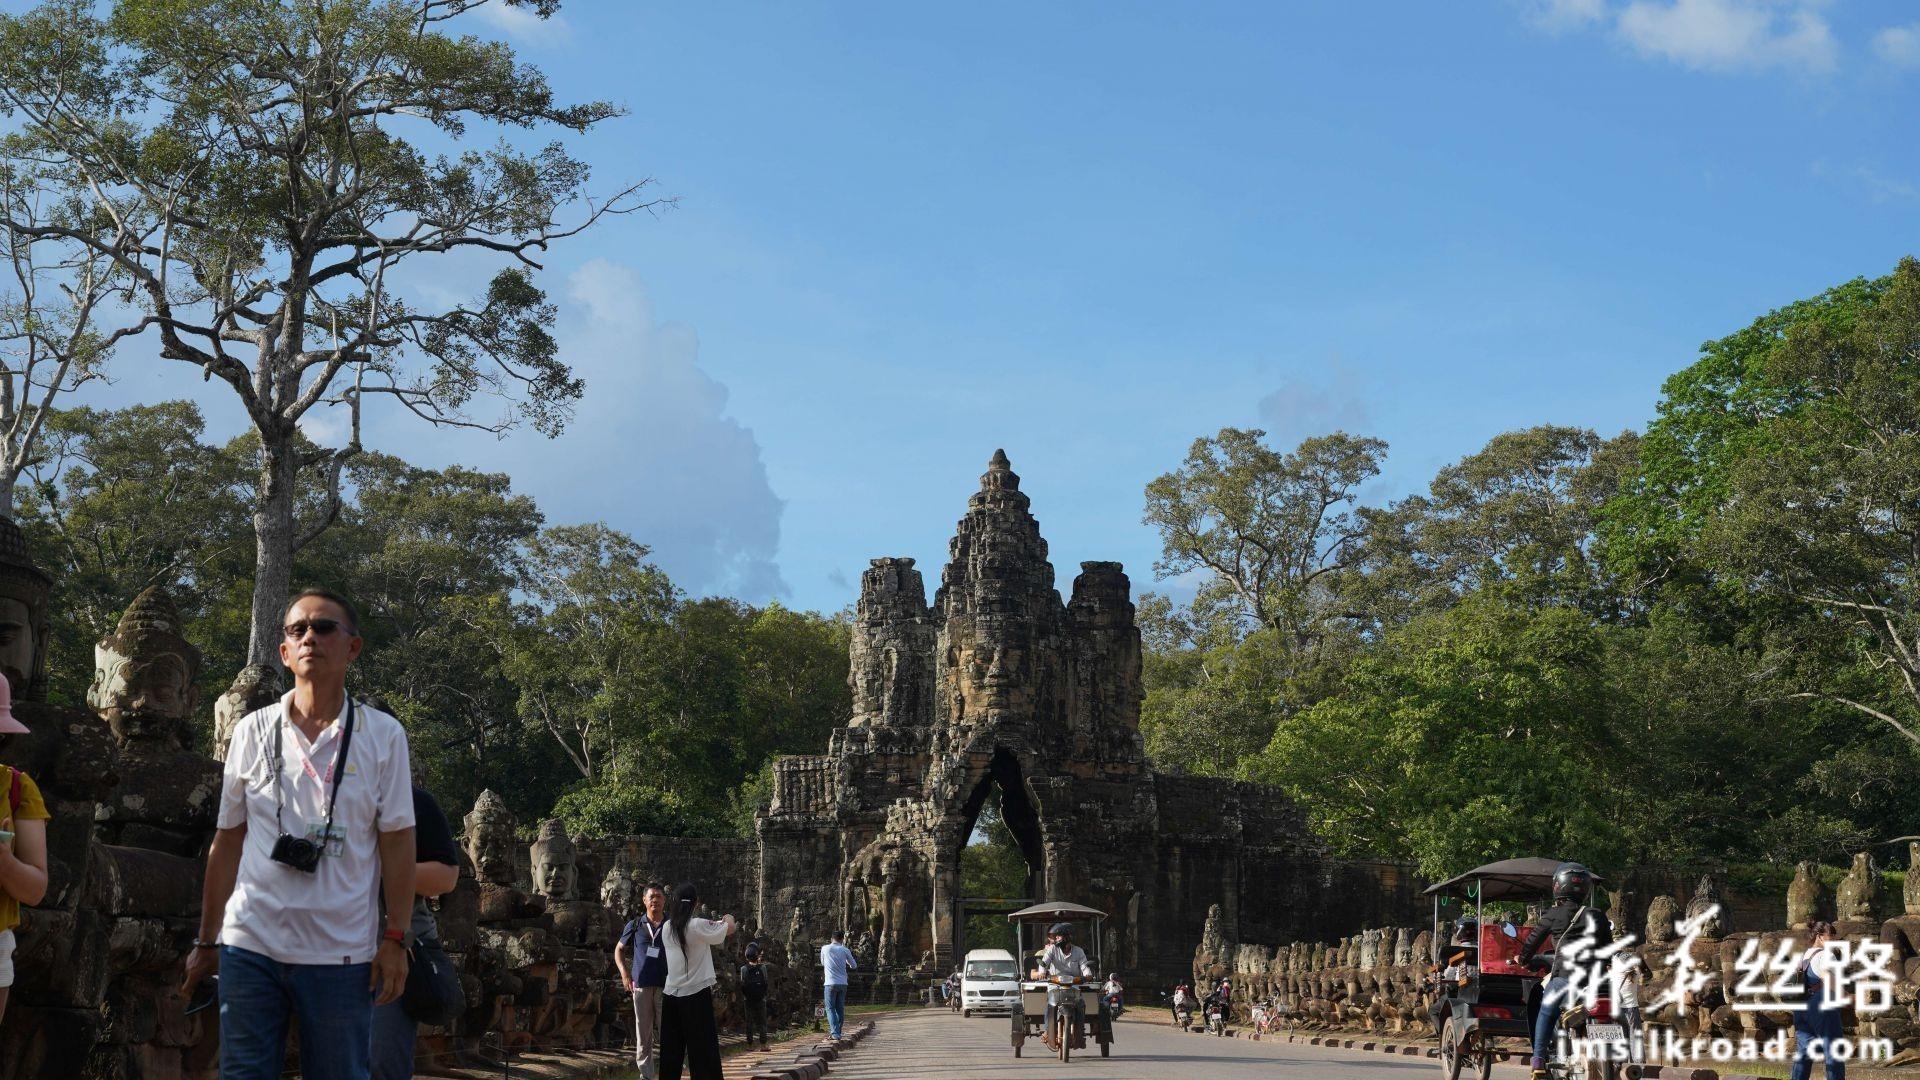 图为9月16日,在柬埔寨暹粒吴哥古迹中拍摄的吴哥通王城的城门。新华社发(李玉辉摄)